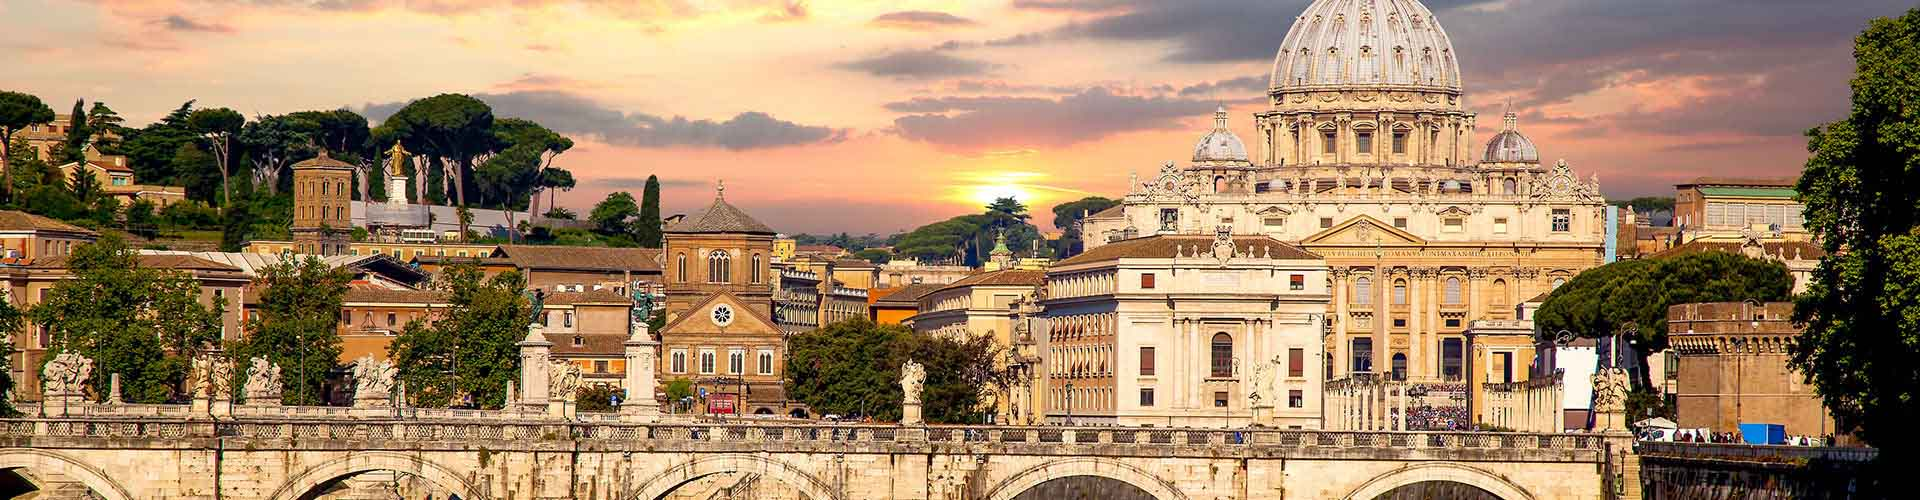 Rome - Hôtels dans le quartier de Medaglie d'Oro. Cartes pour Rome, photos et commentaires pour chaque hôtel à Rome.